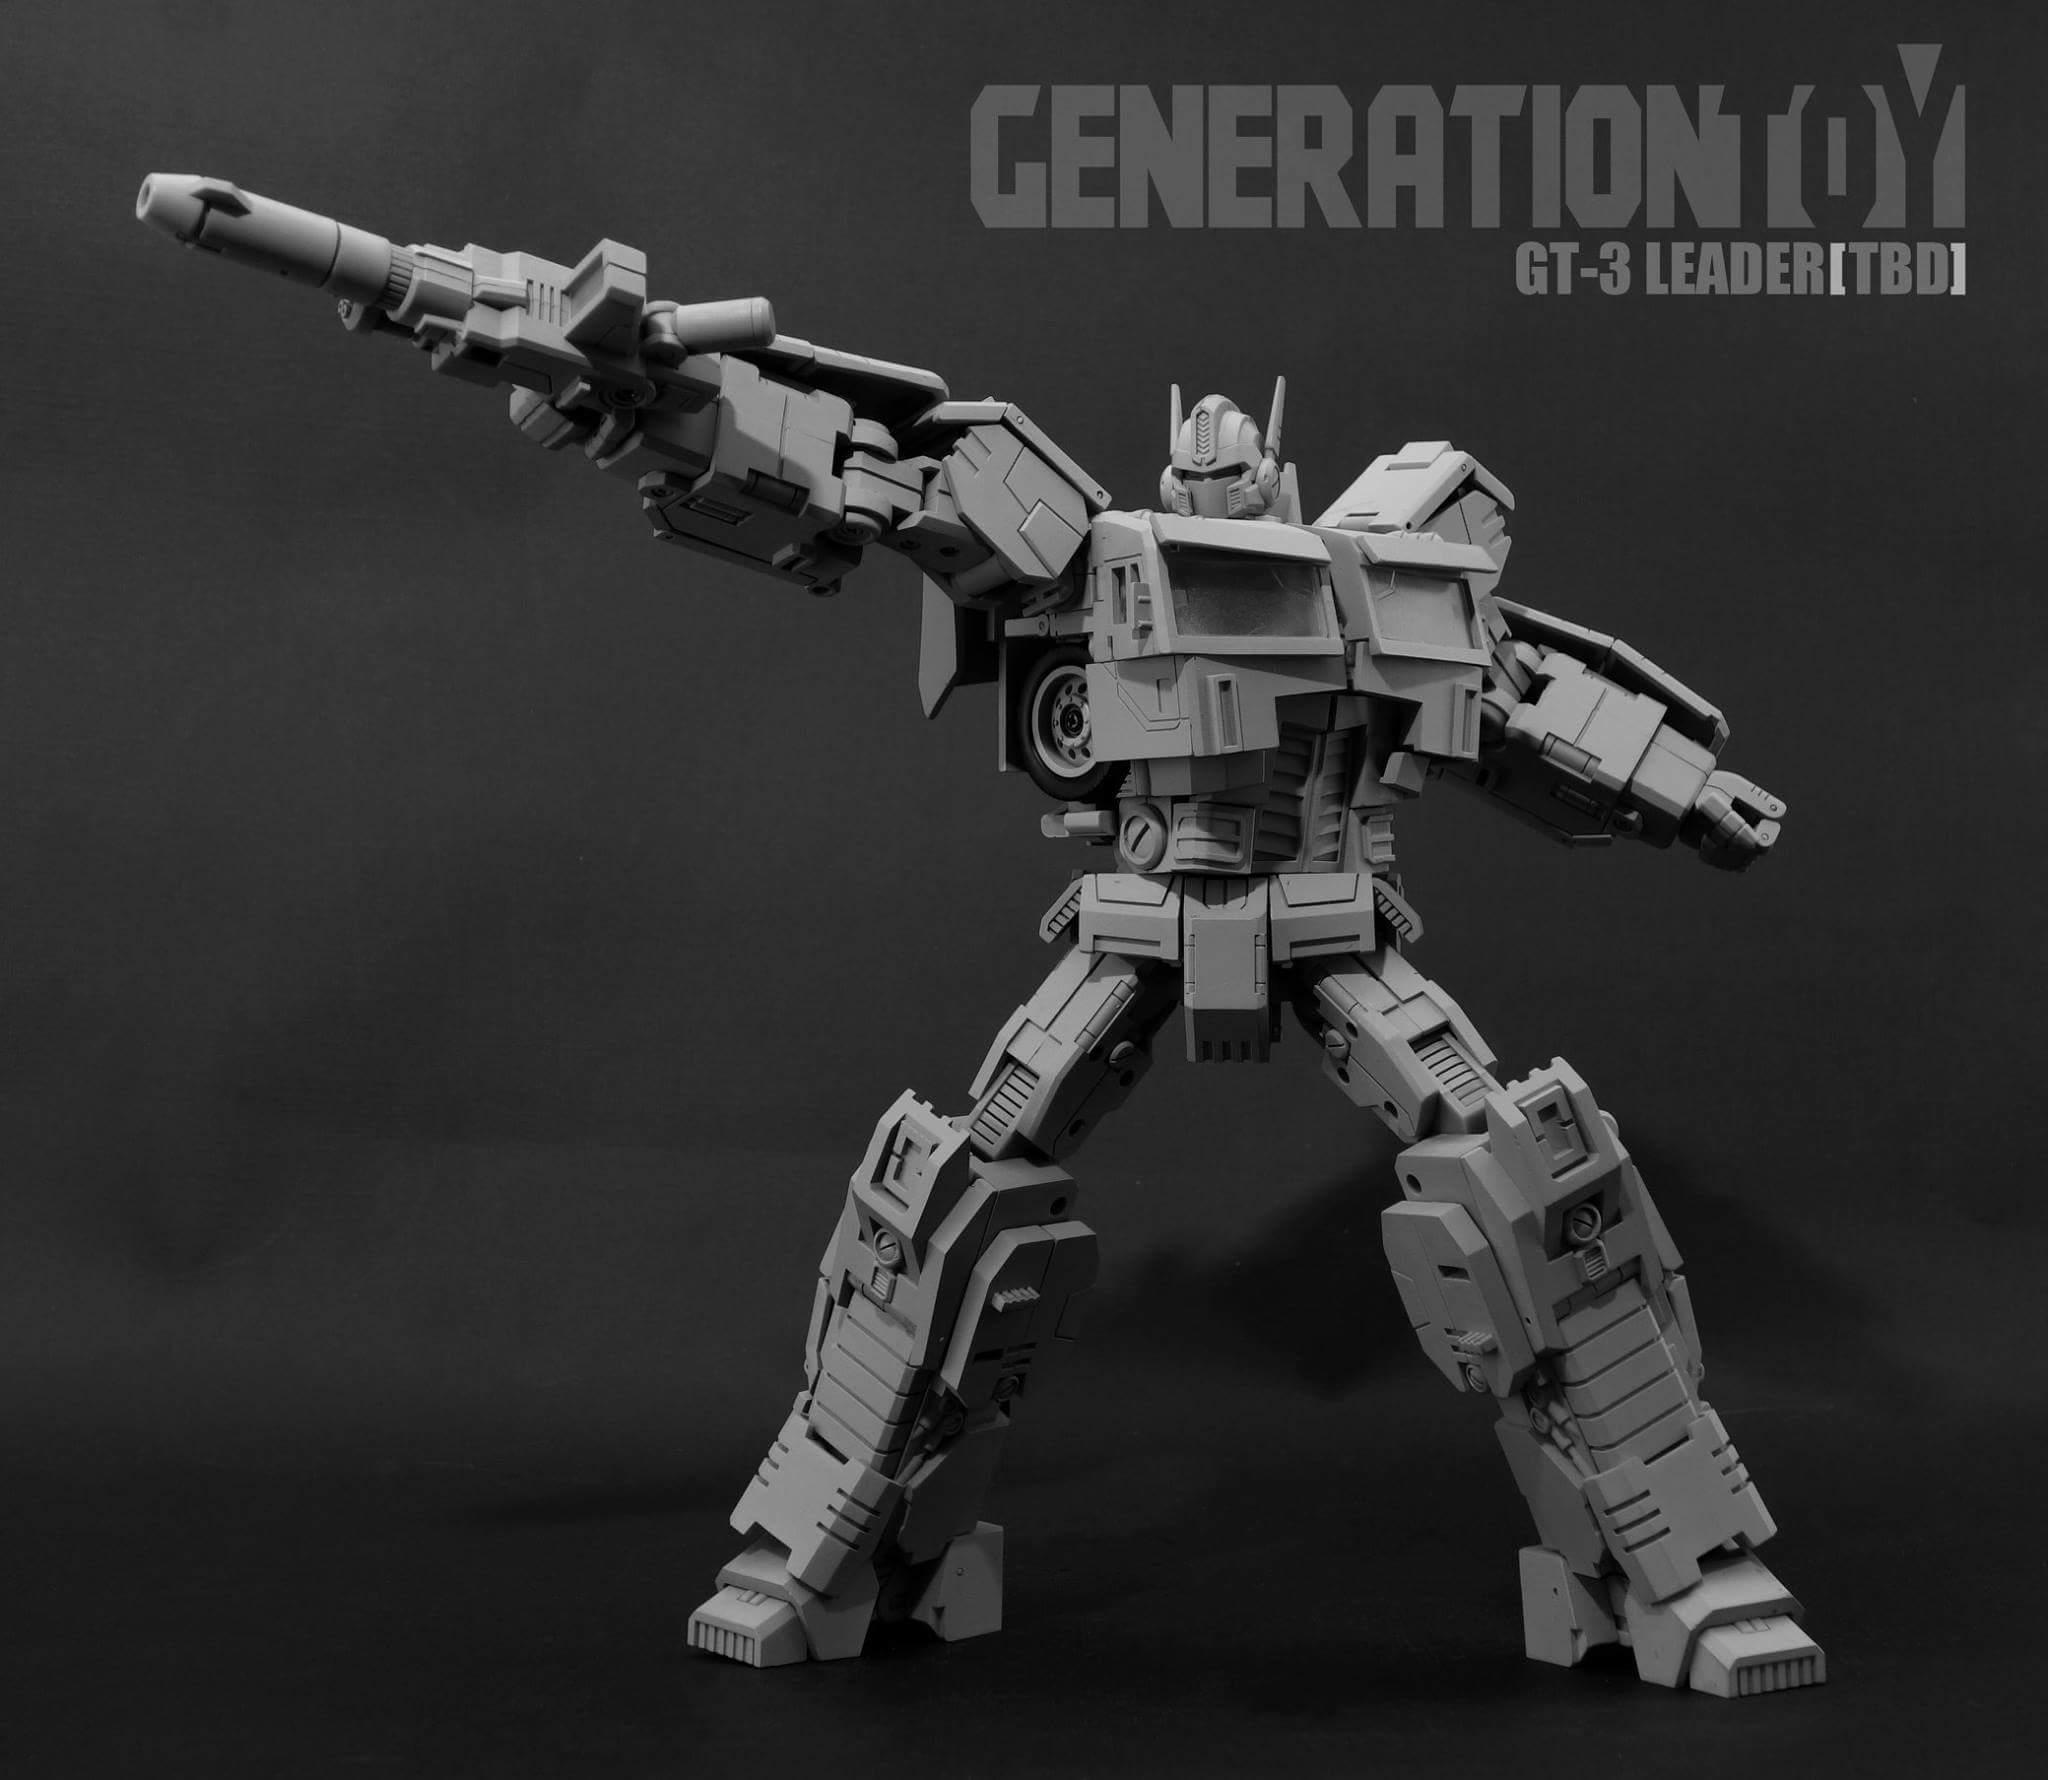 [Generation Toy] Produit Tiers - Jouets TF de la Gamme GT - des BD TF d'IDW - Page 3 RHnw2P1w